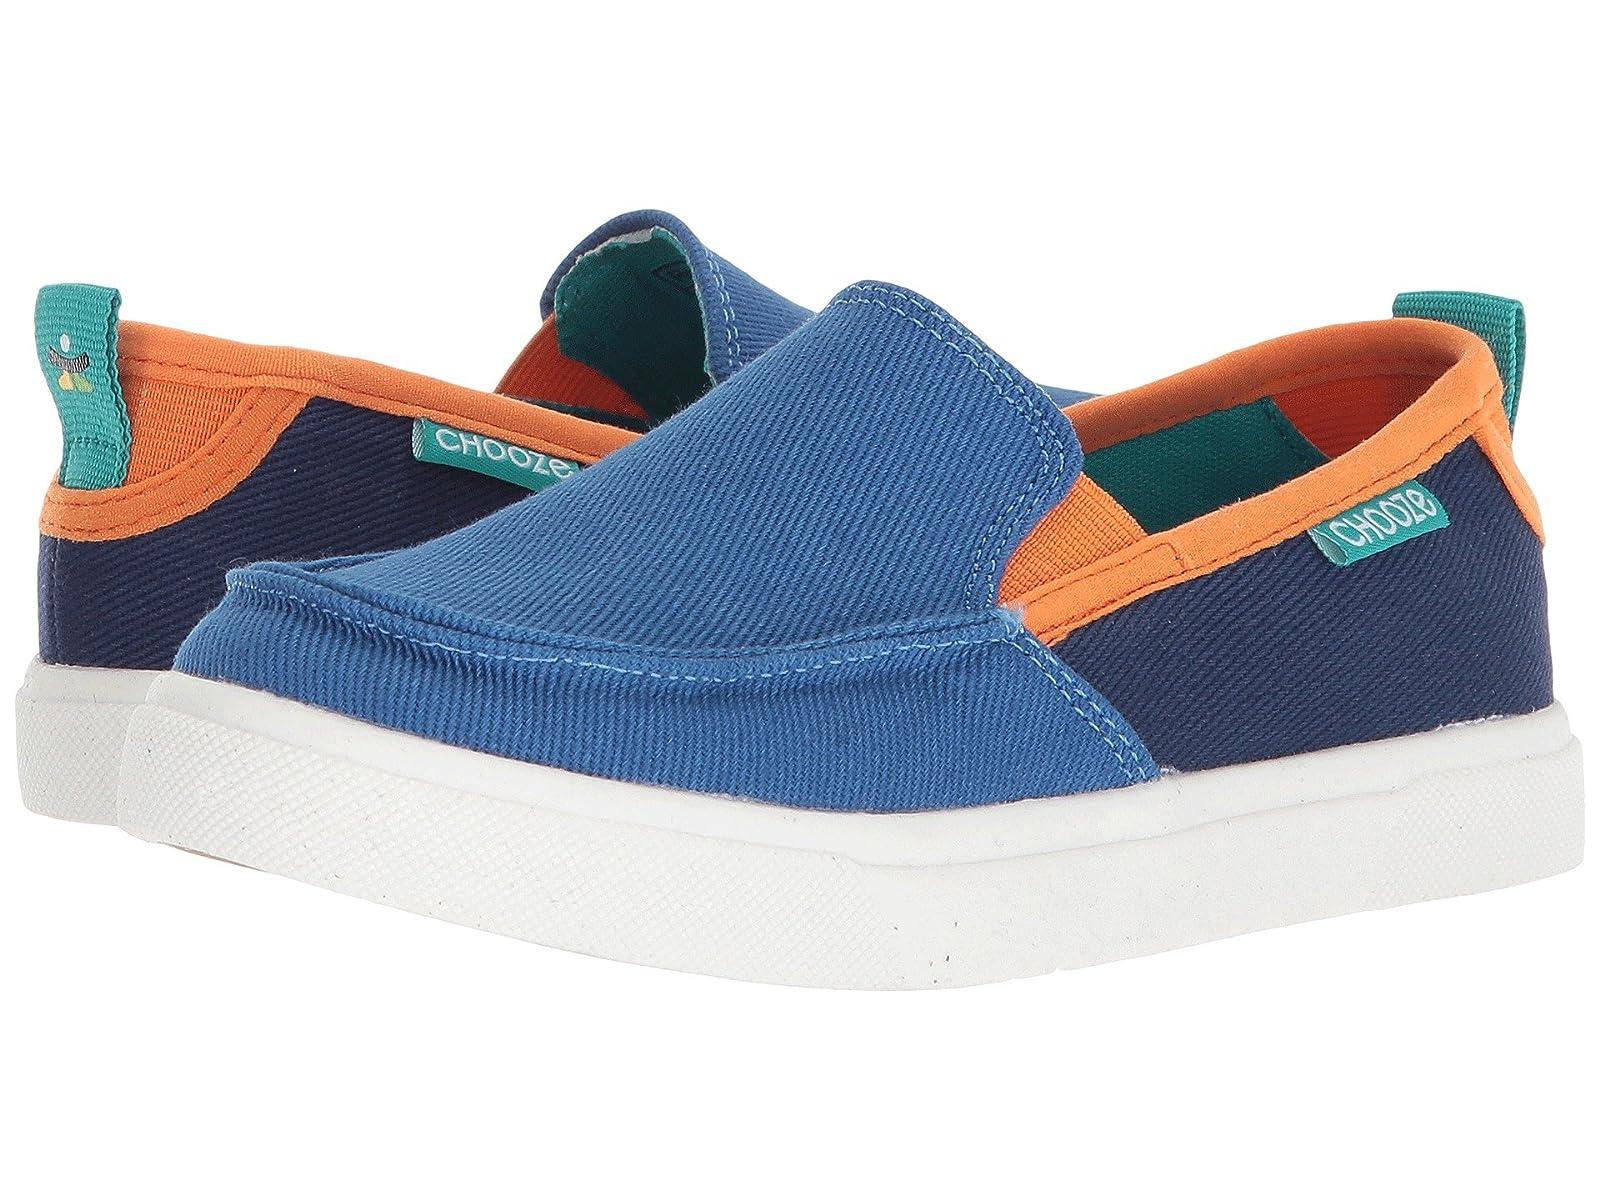 CHOOZE Roam (Toddler/Little Kid/Big Kid)Atmospheric grades have affordable shoes